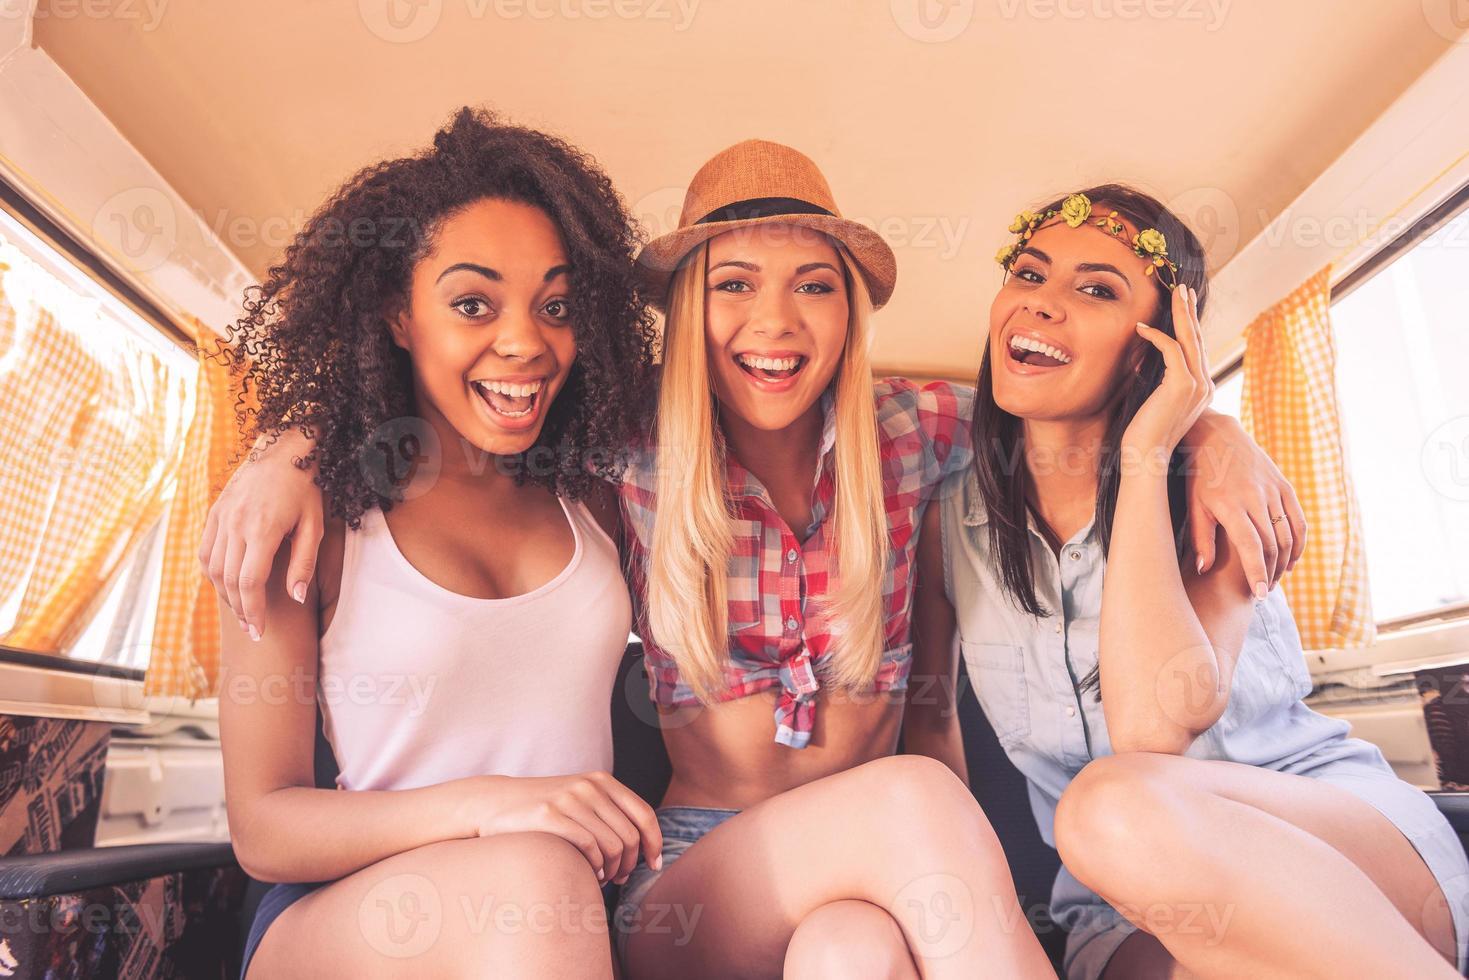 As meninas apenas querem se divertir. foto